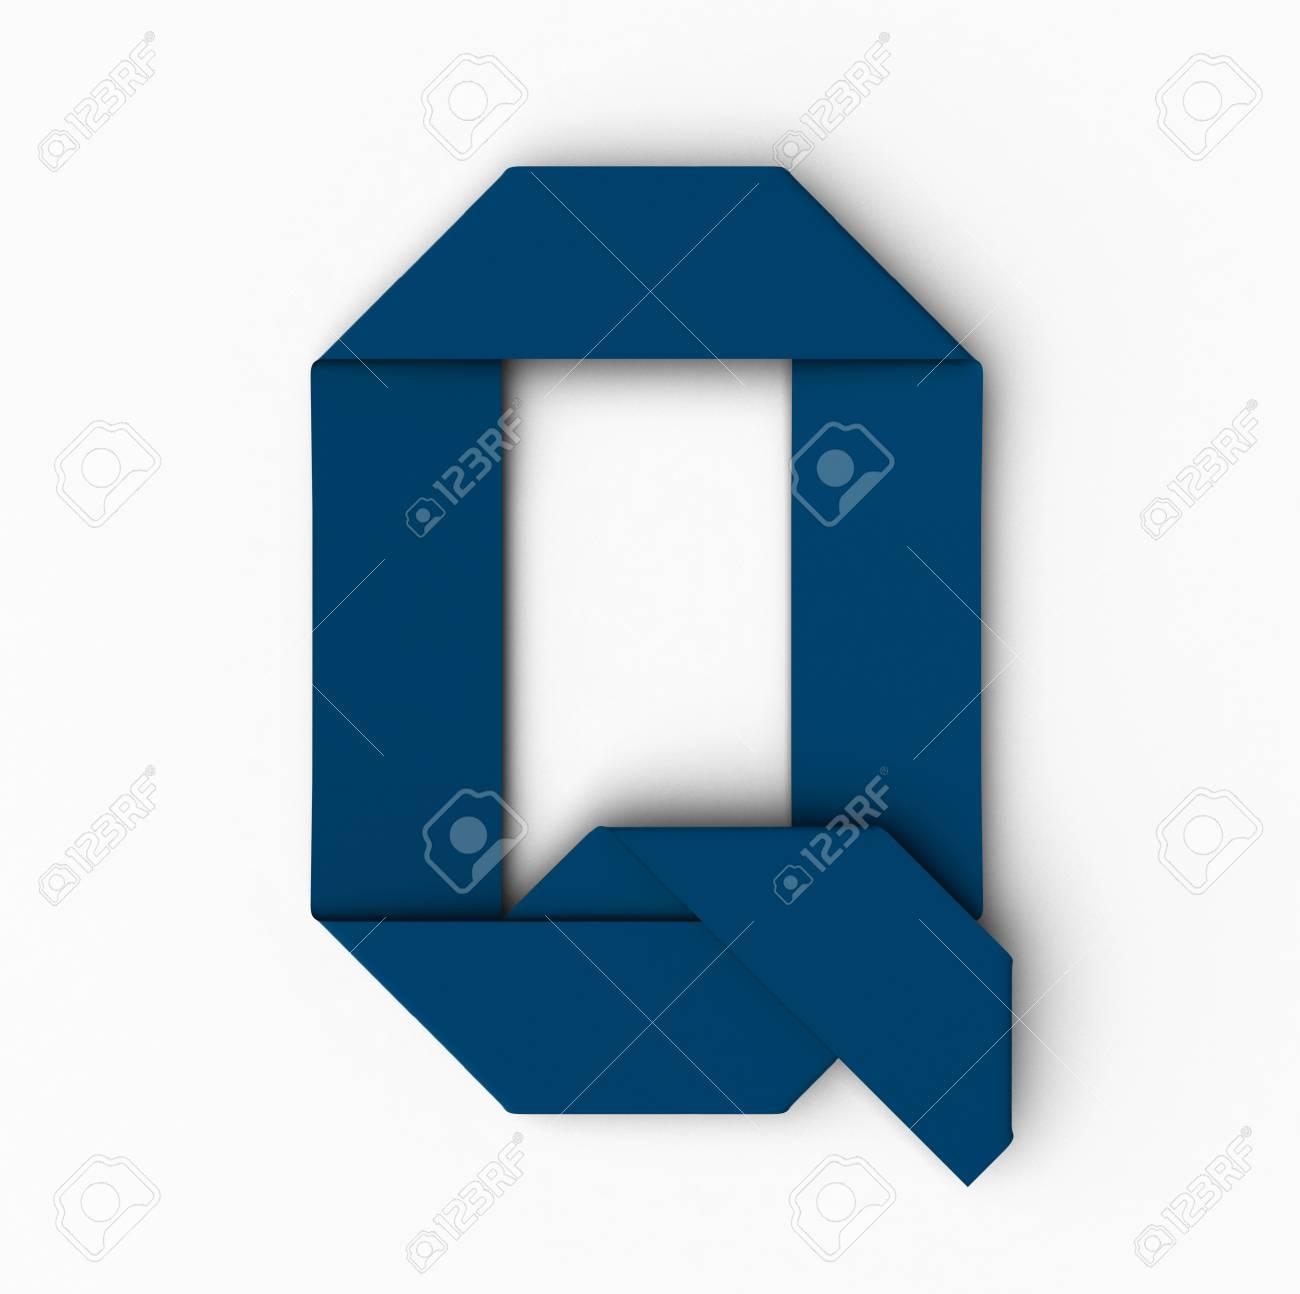 blue q origami